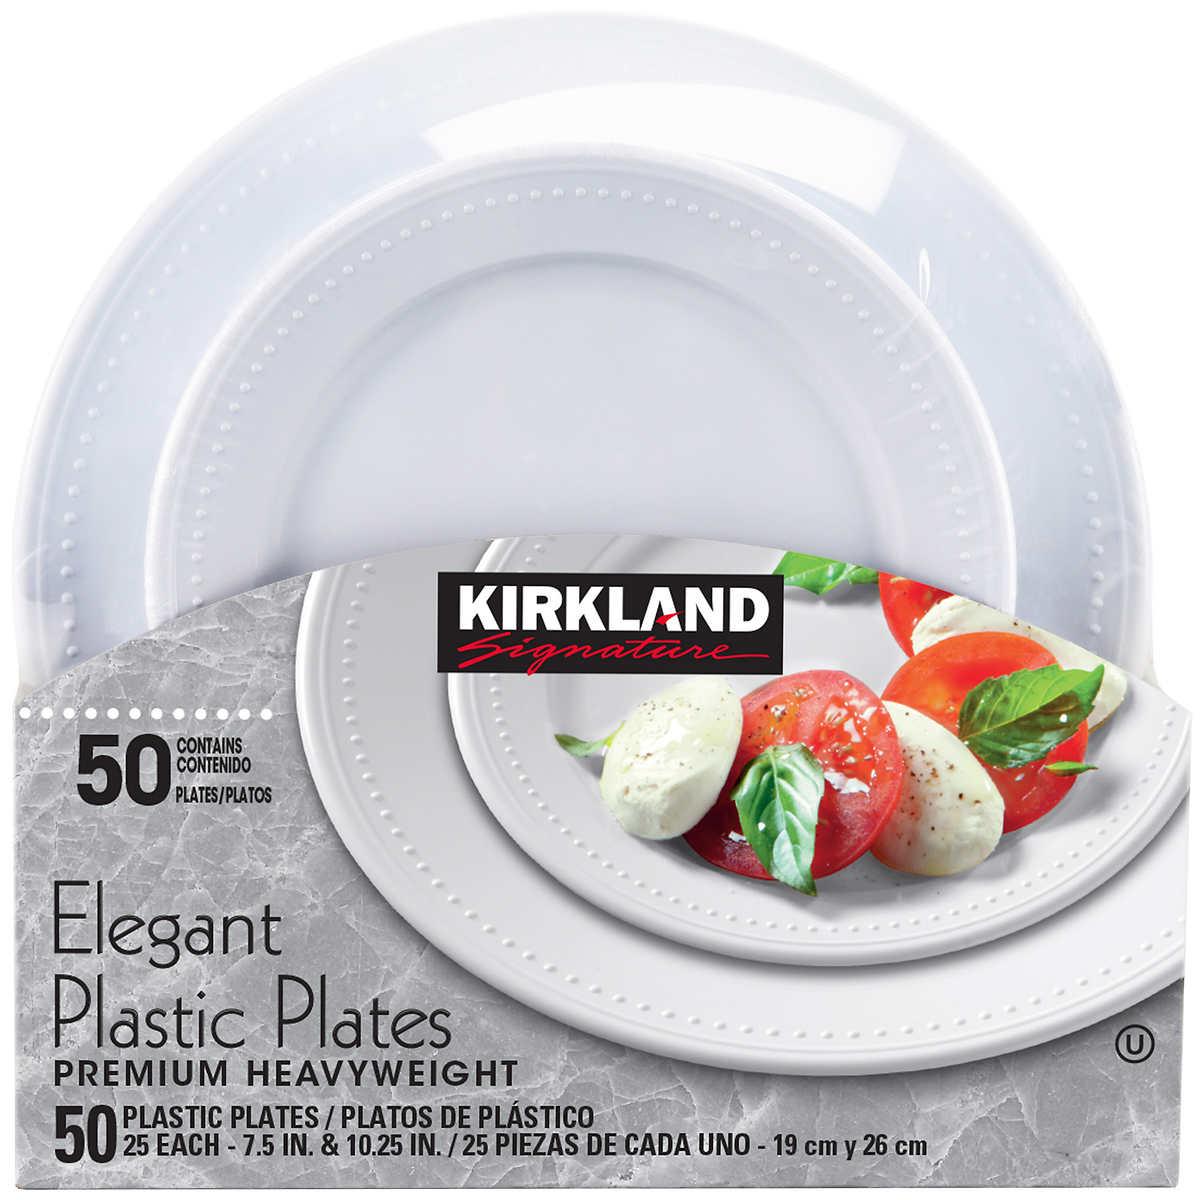 Kirkland Signature Elegant Plastic Plates 50 Count